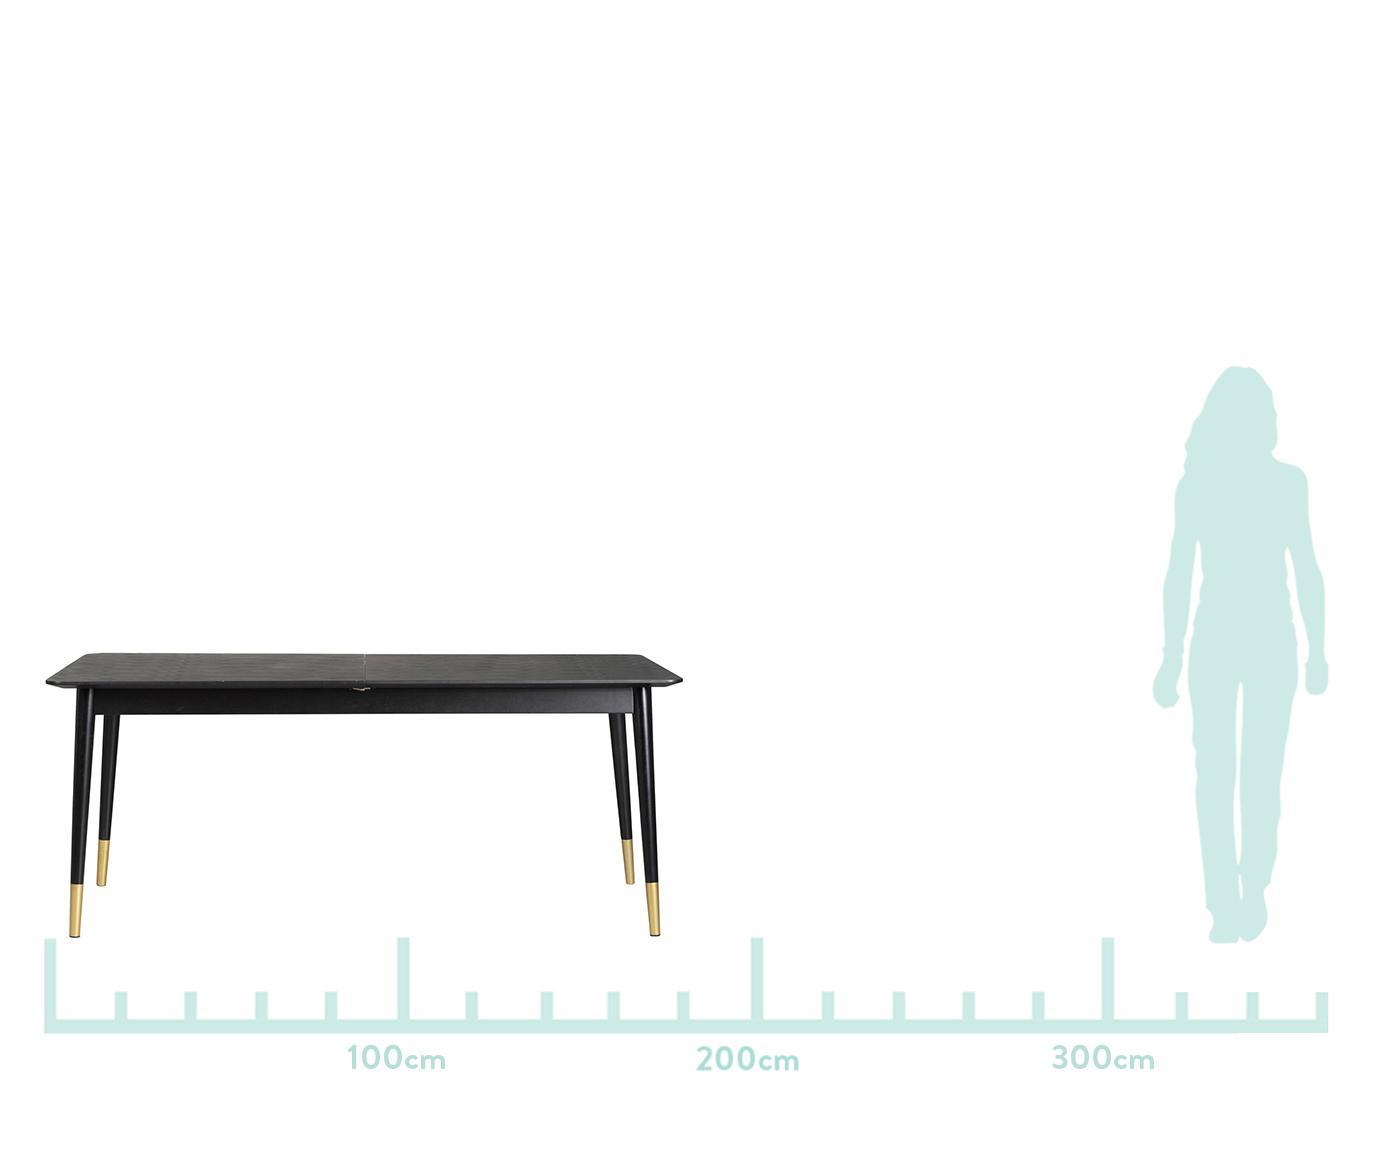 Ausziehbarer Esstisch Fenwood in Schwarz, Tischplatte: Mitteldichte Holzfaserpla, Beine: Eichenholz, massiv, gedre, Schwarz, Messingfarben, B 180 bis 260 x T 90 cm